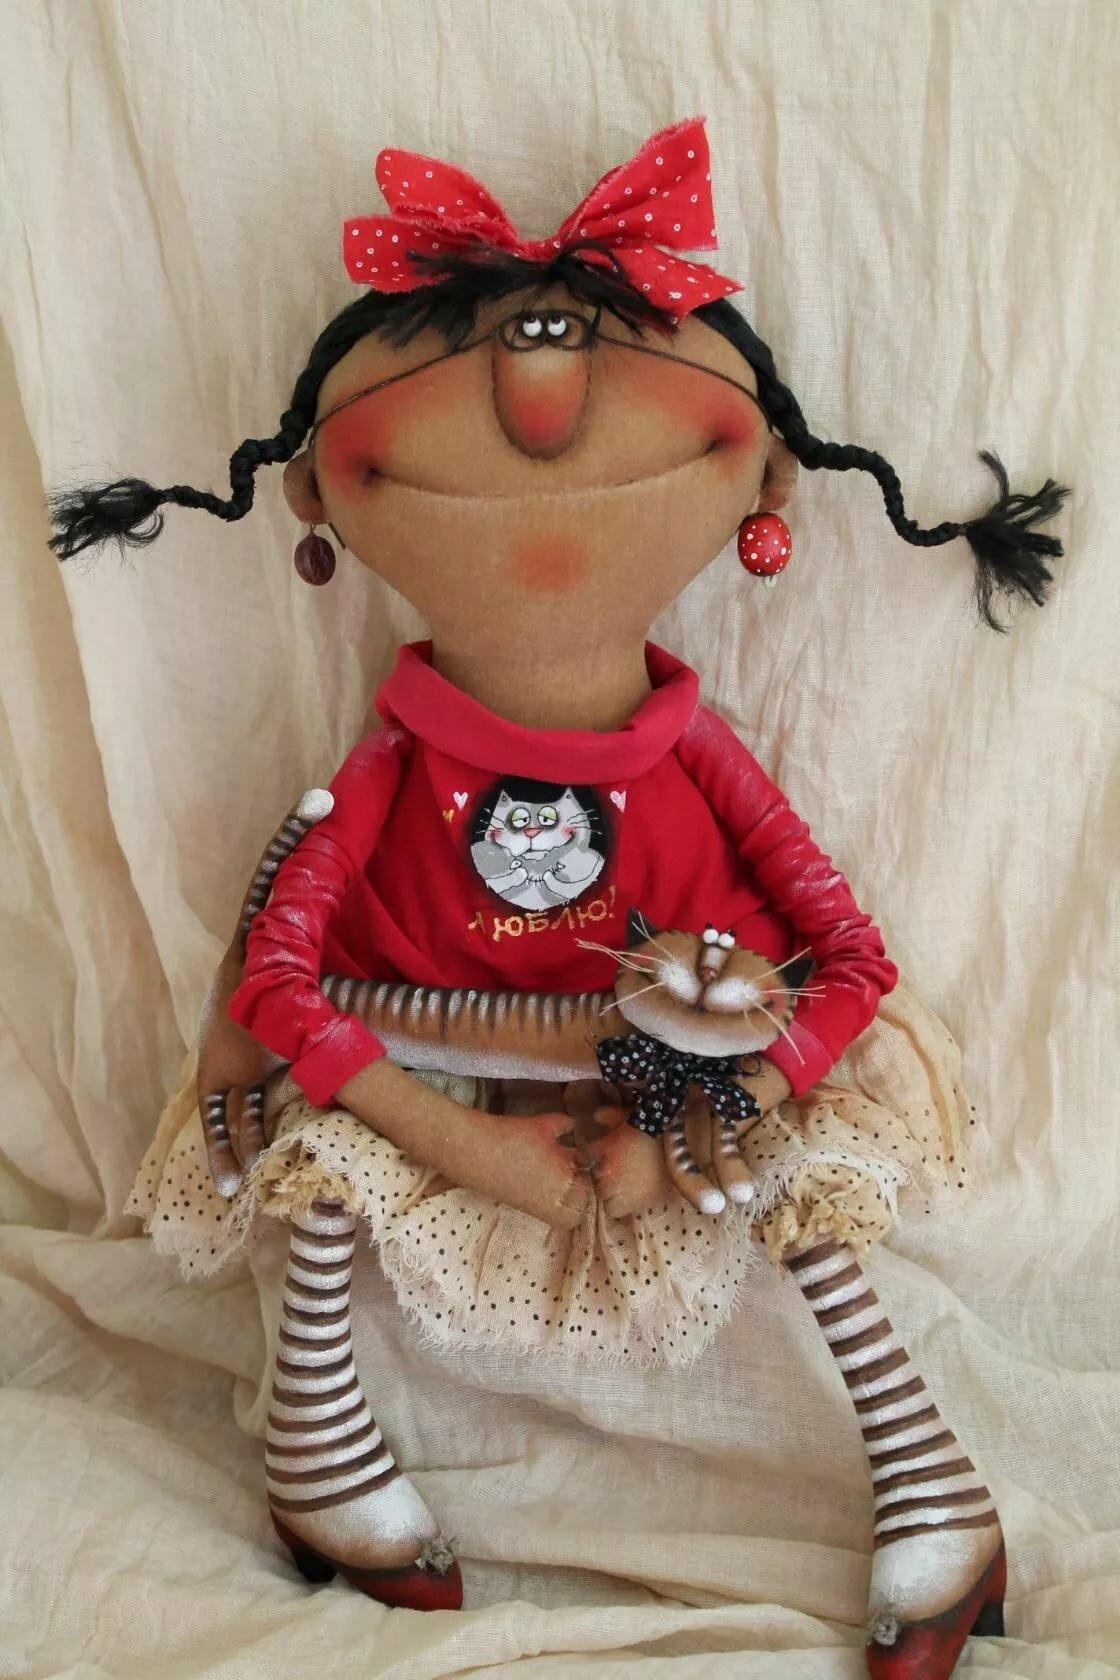 Свободы, прикольные картинки про кукольников